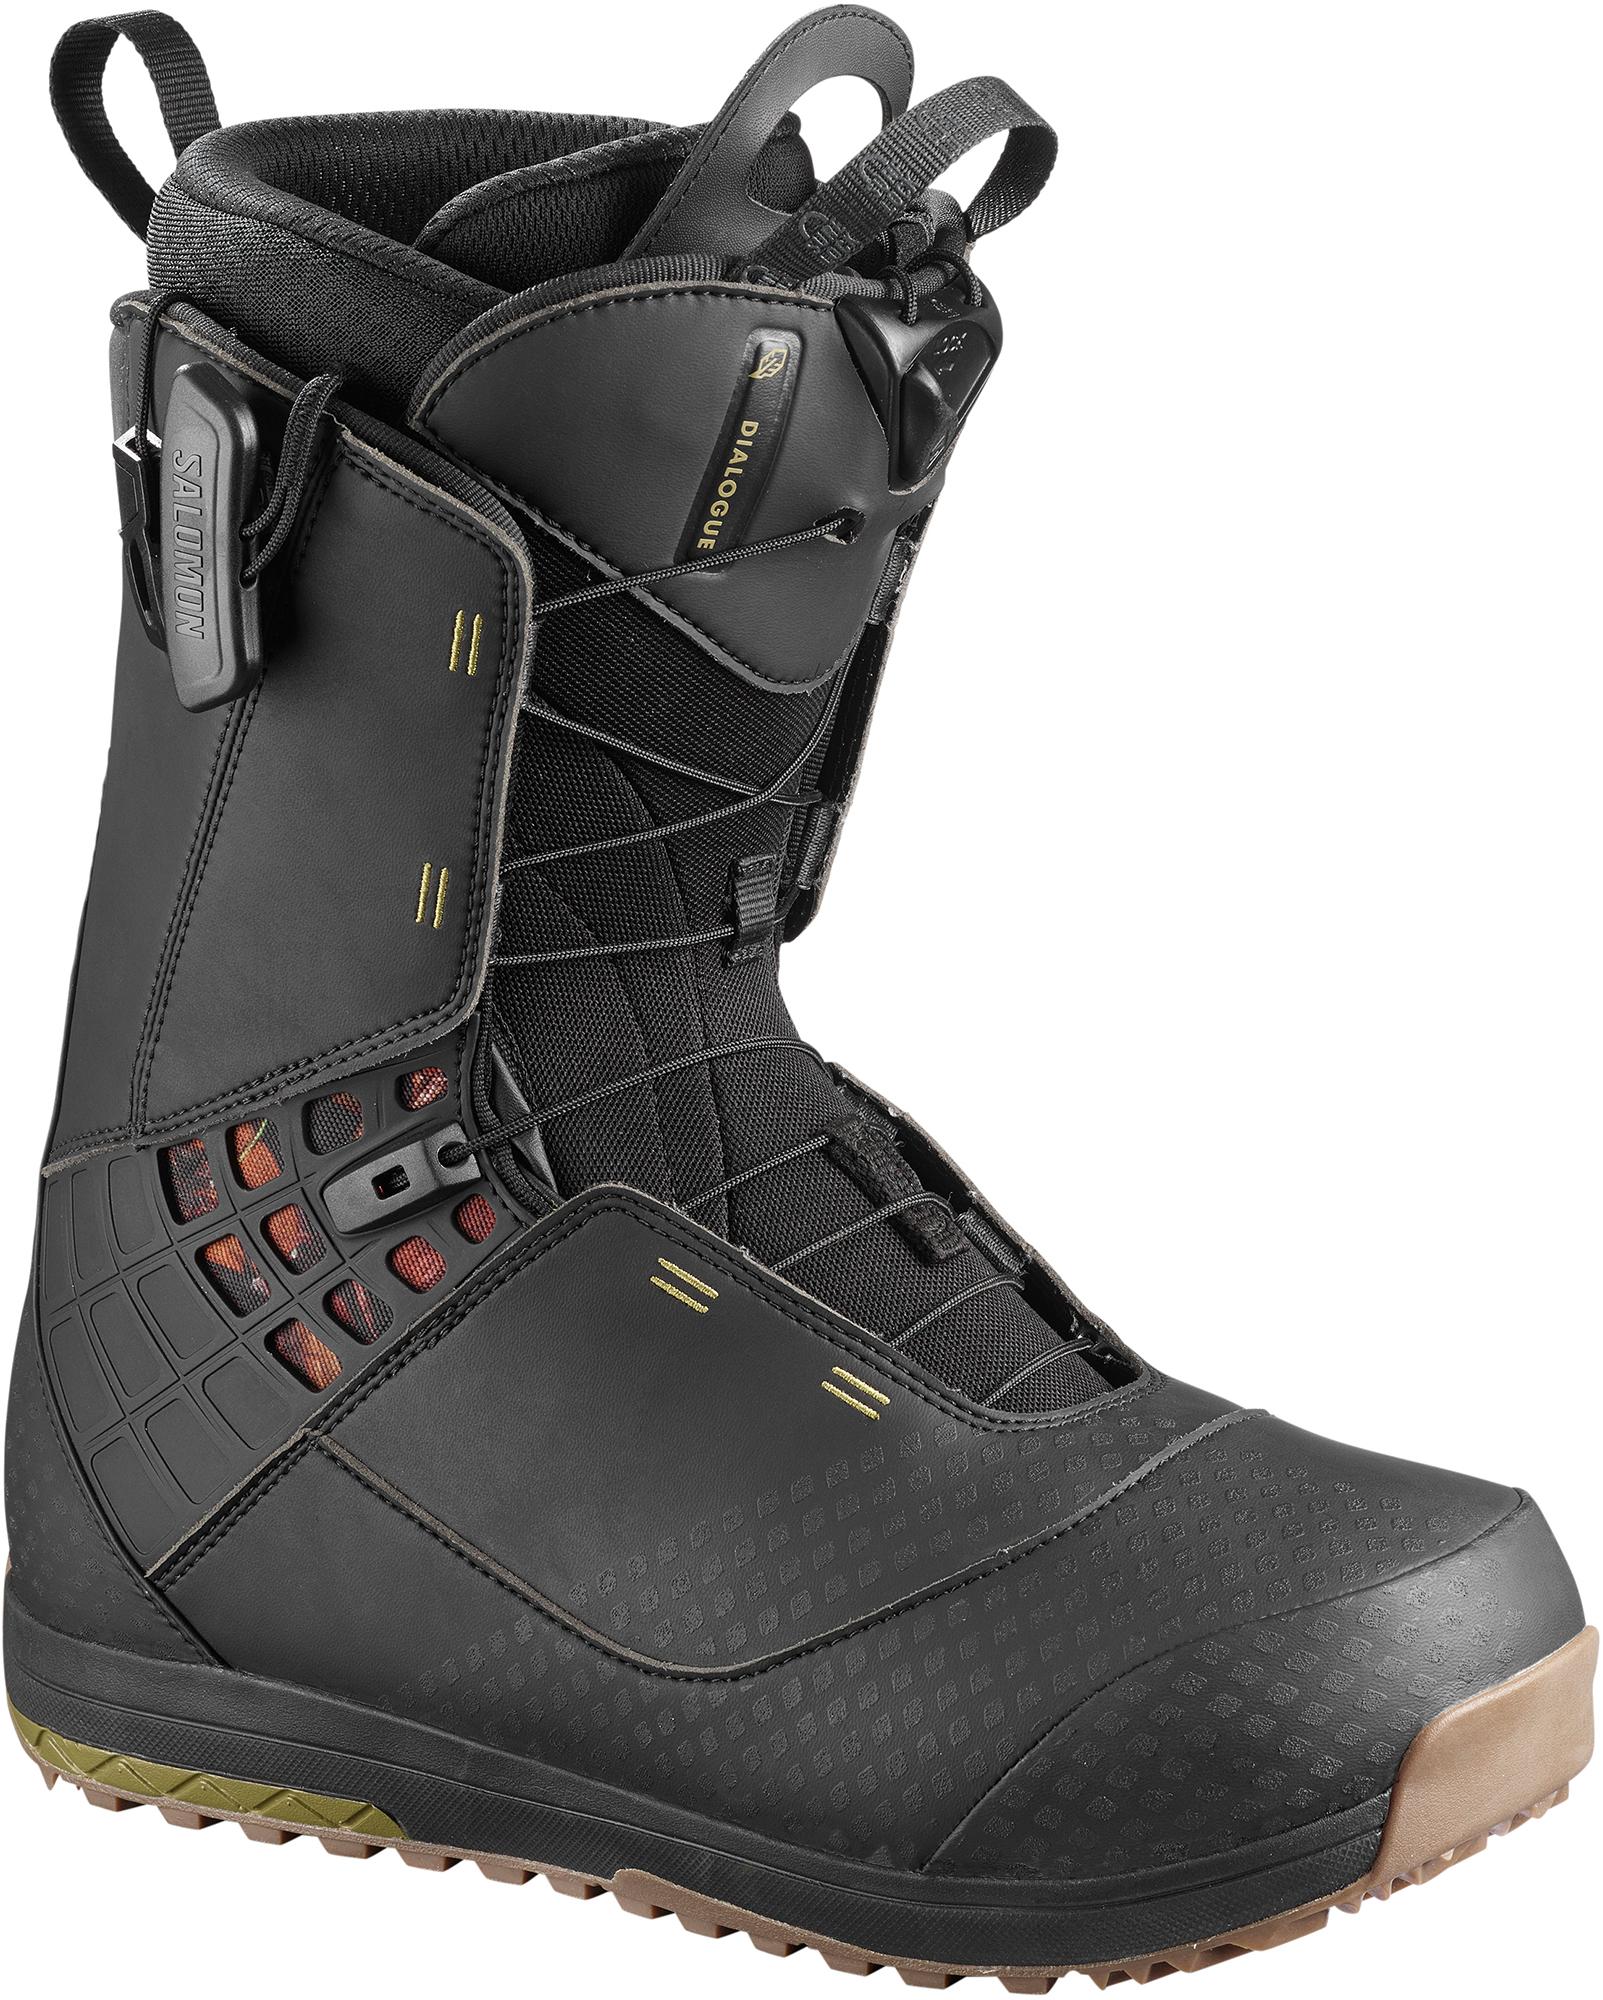 Salomon Сноубордические ботинки Salomon Dialogue, размер 44 сноубордические перчатки vermont